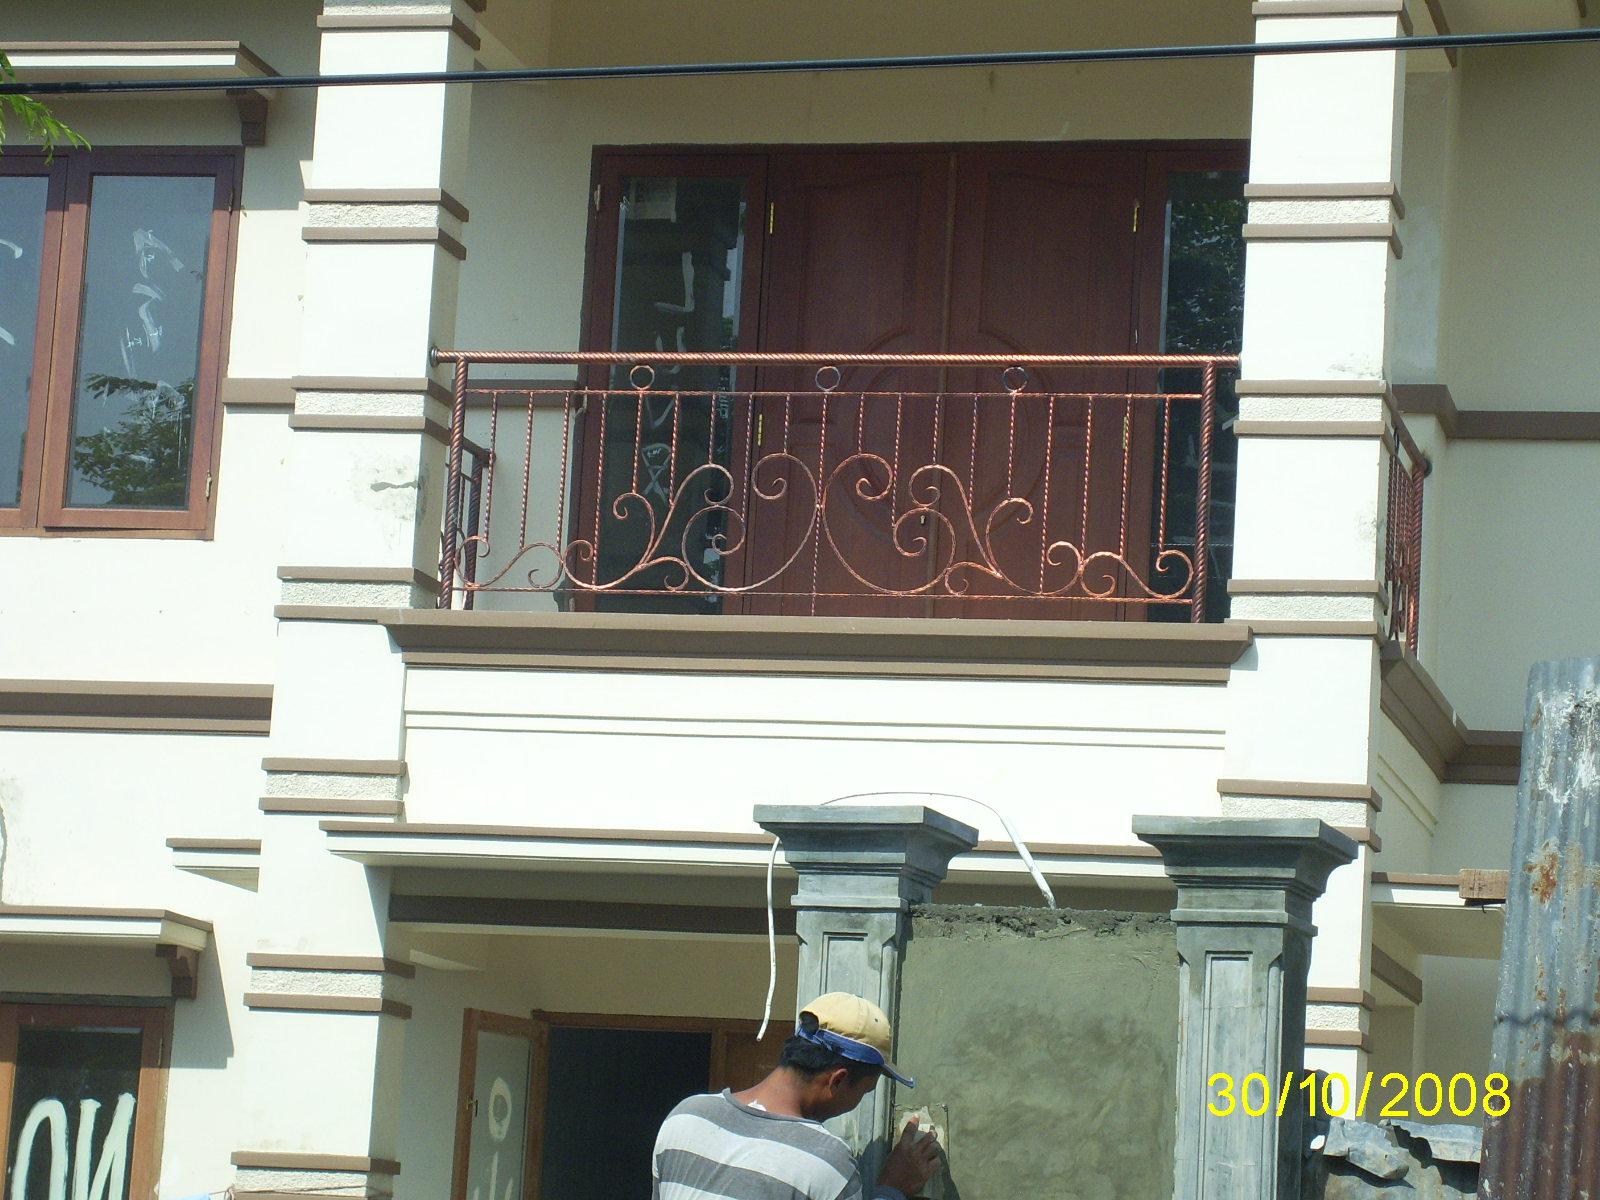 STAINLESS STEEL  BESI Balkon Sederhana tapi Cantik